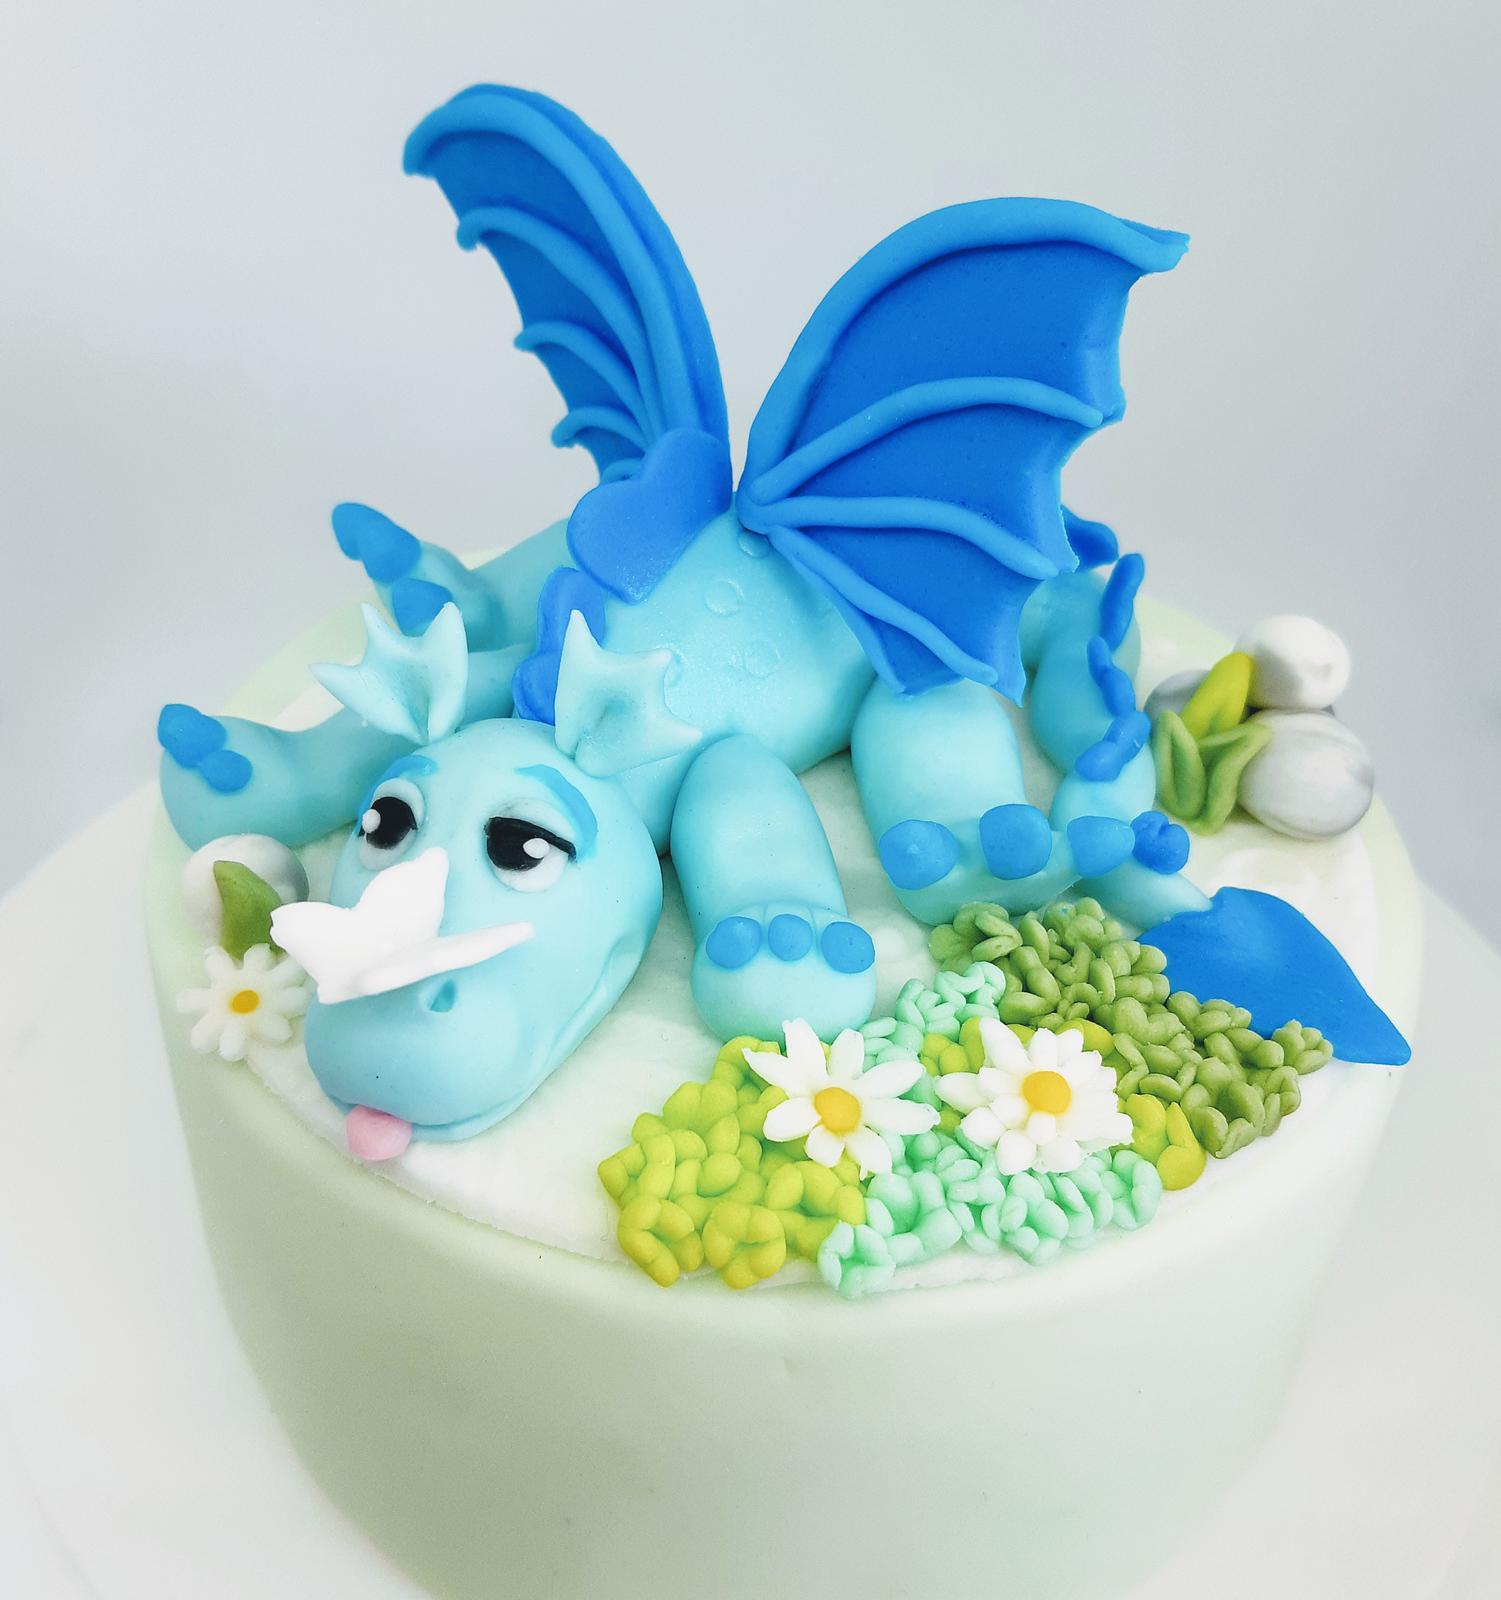 dragon fondant cake topper